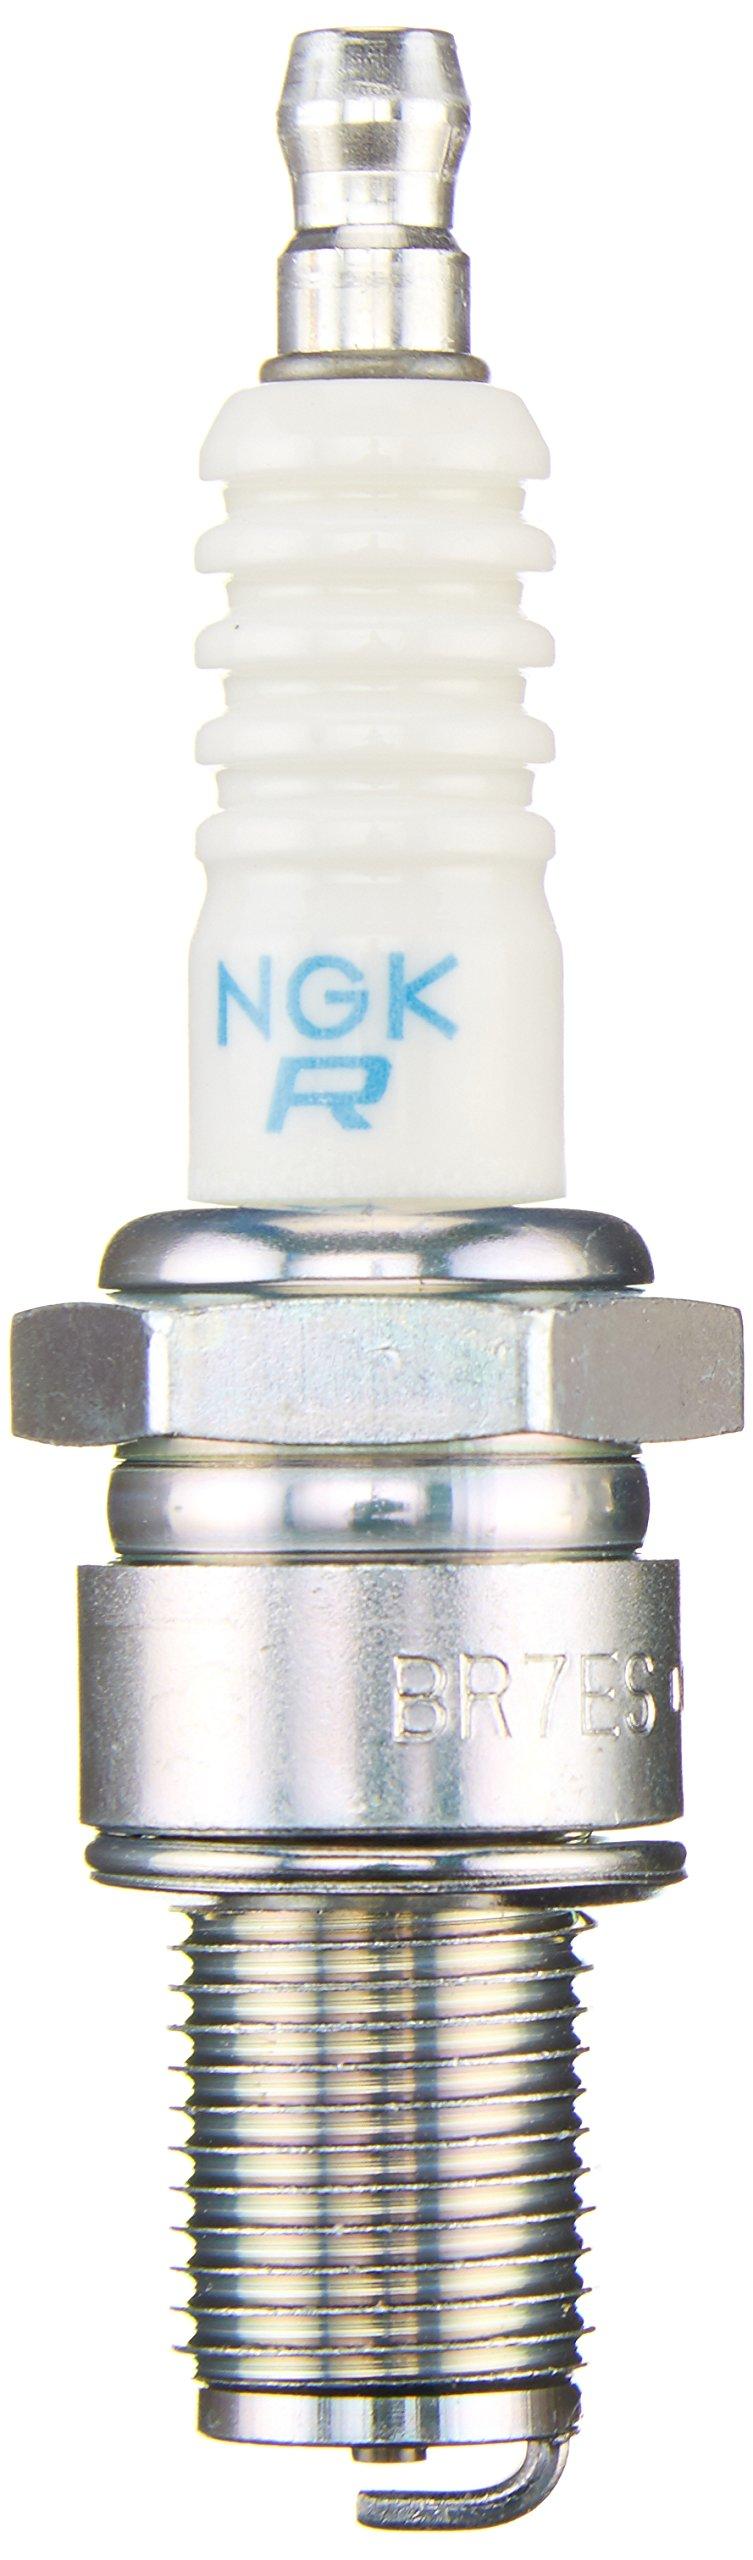 Candela di accensione NGK BR7ES 5122